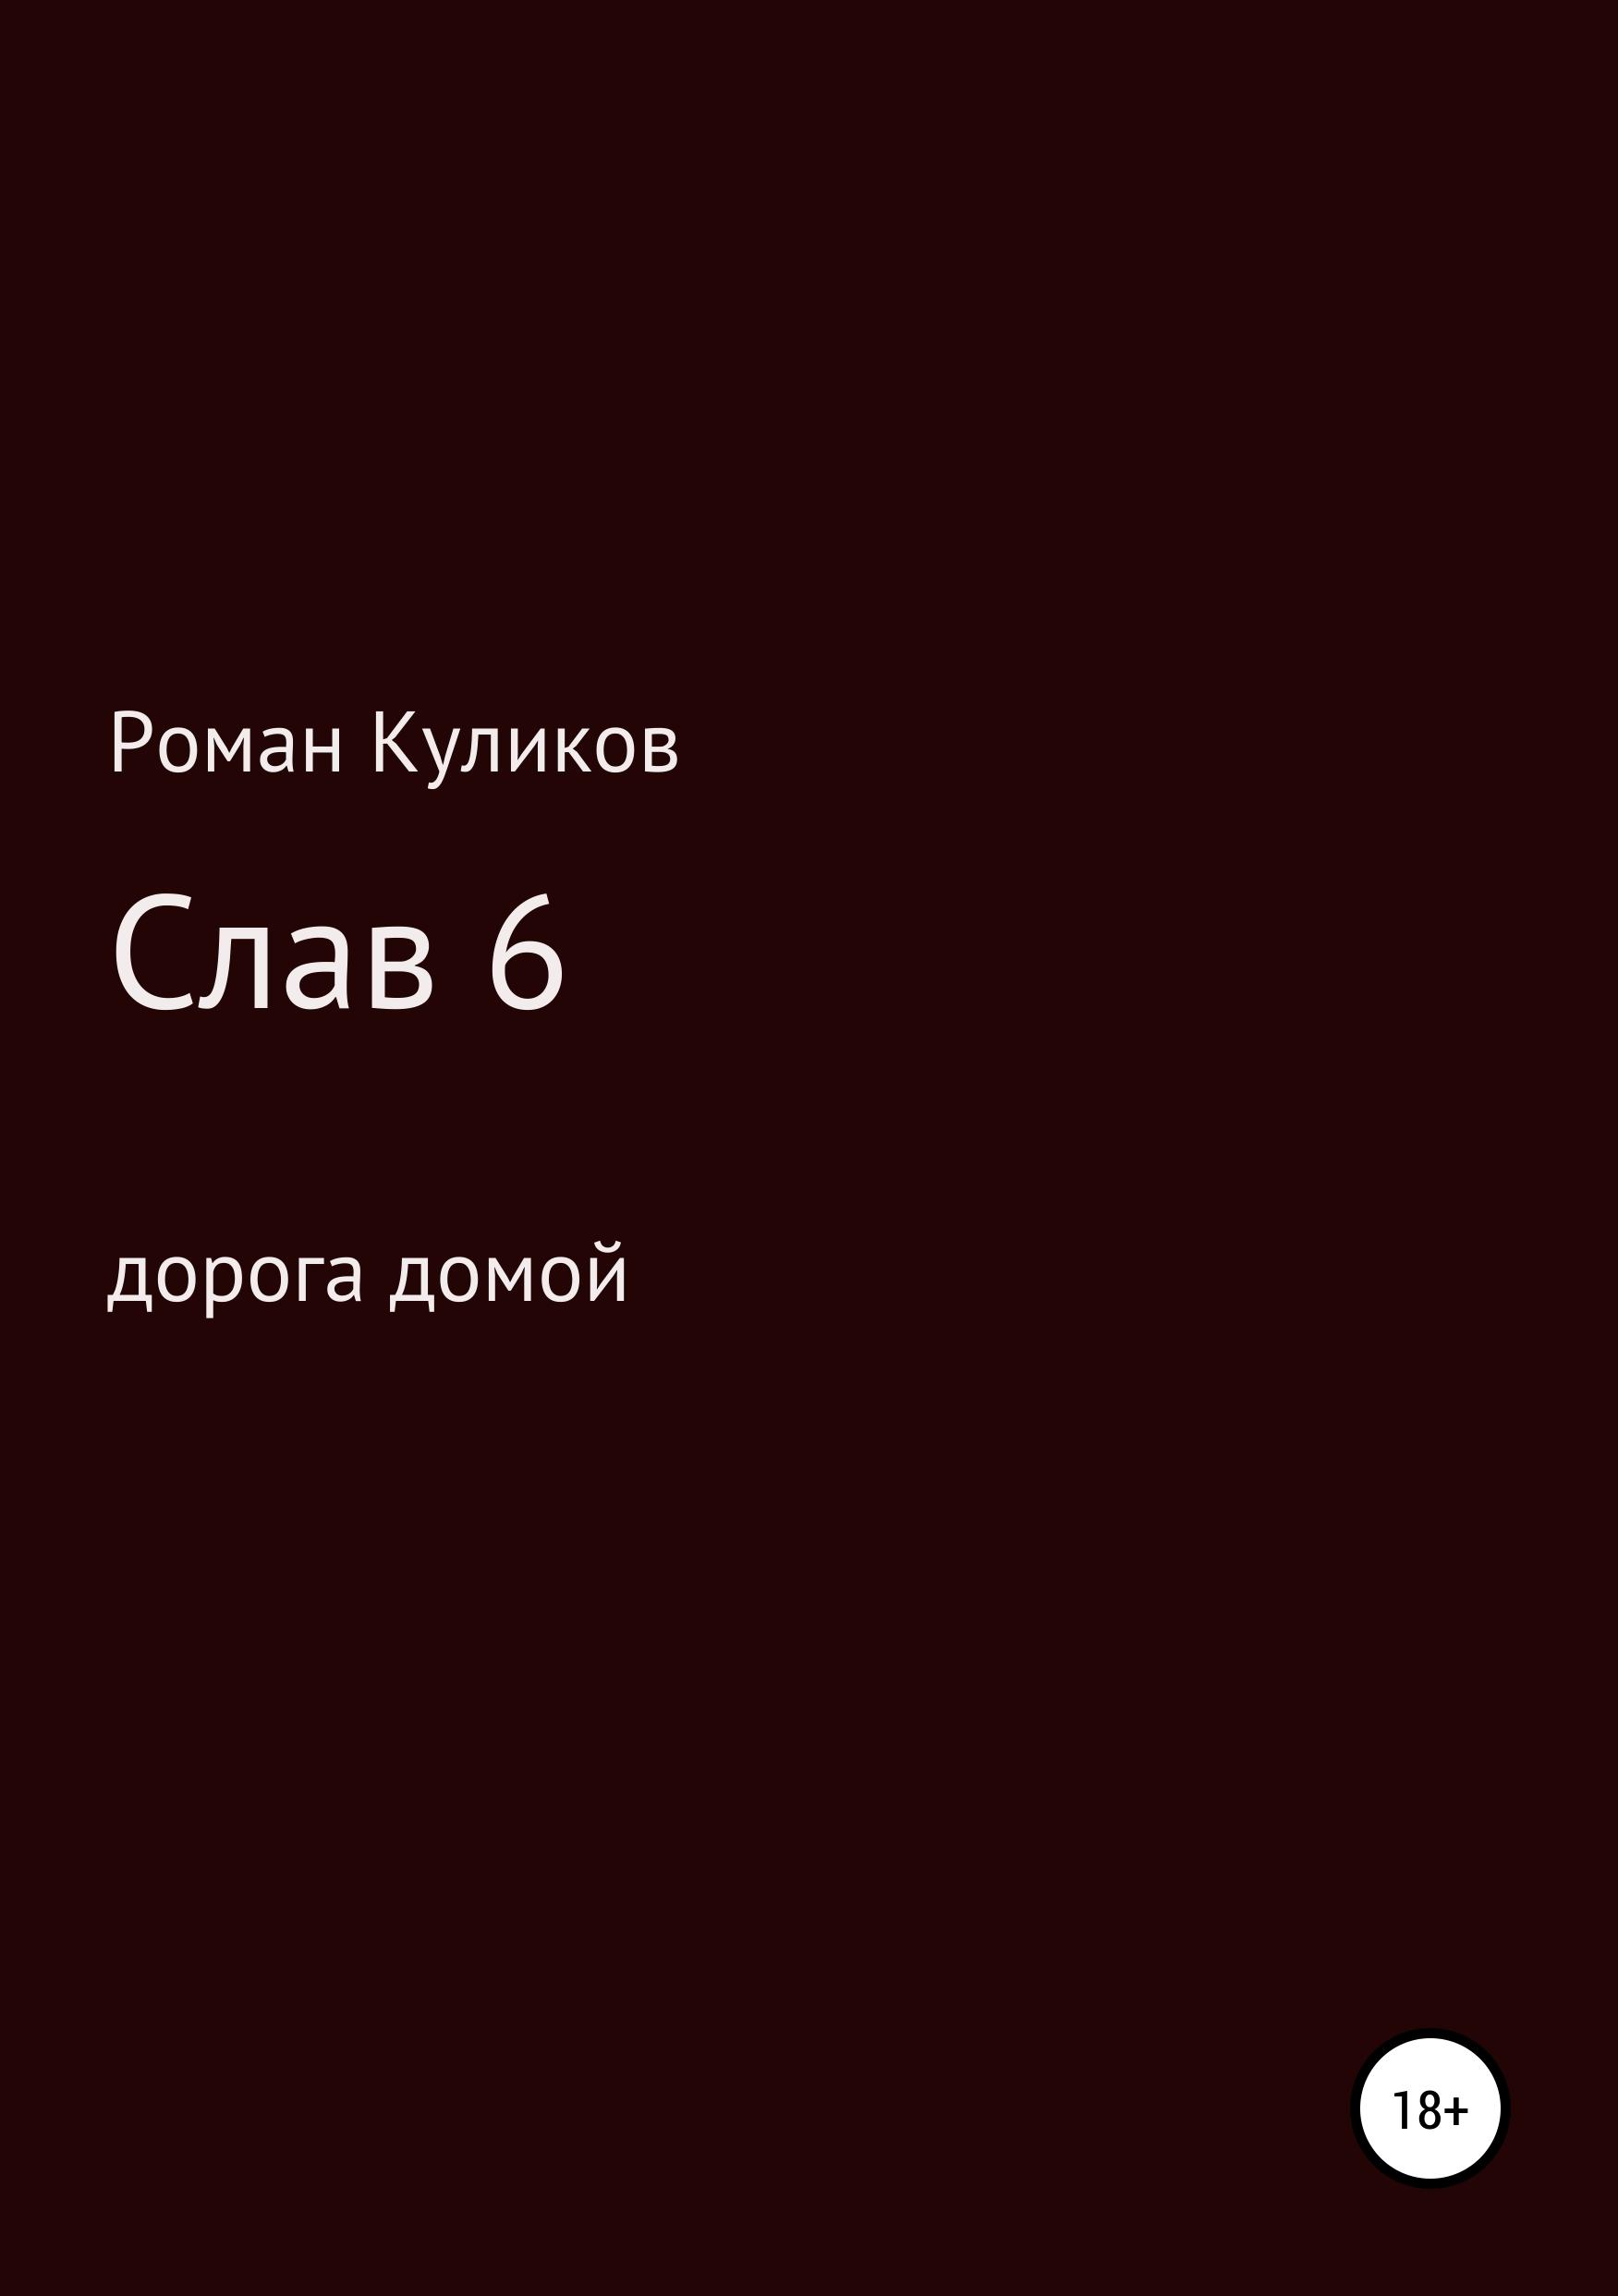 Роман Александрович Куликов Слав 6 Дорога домой